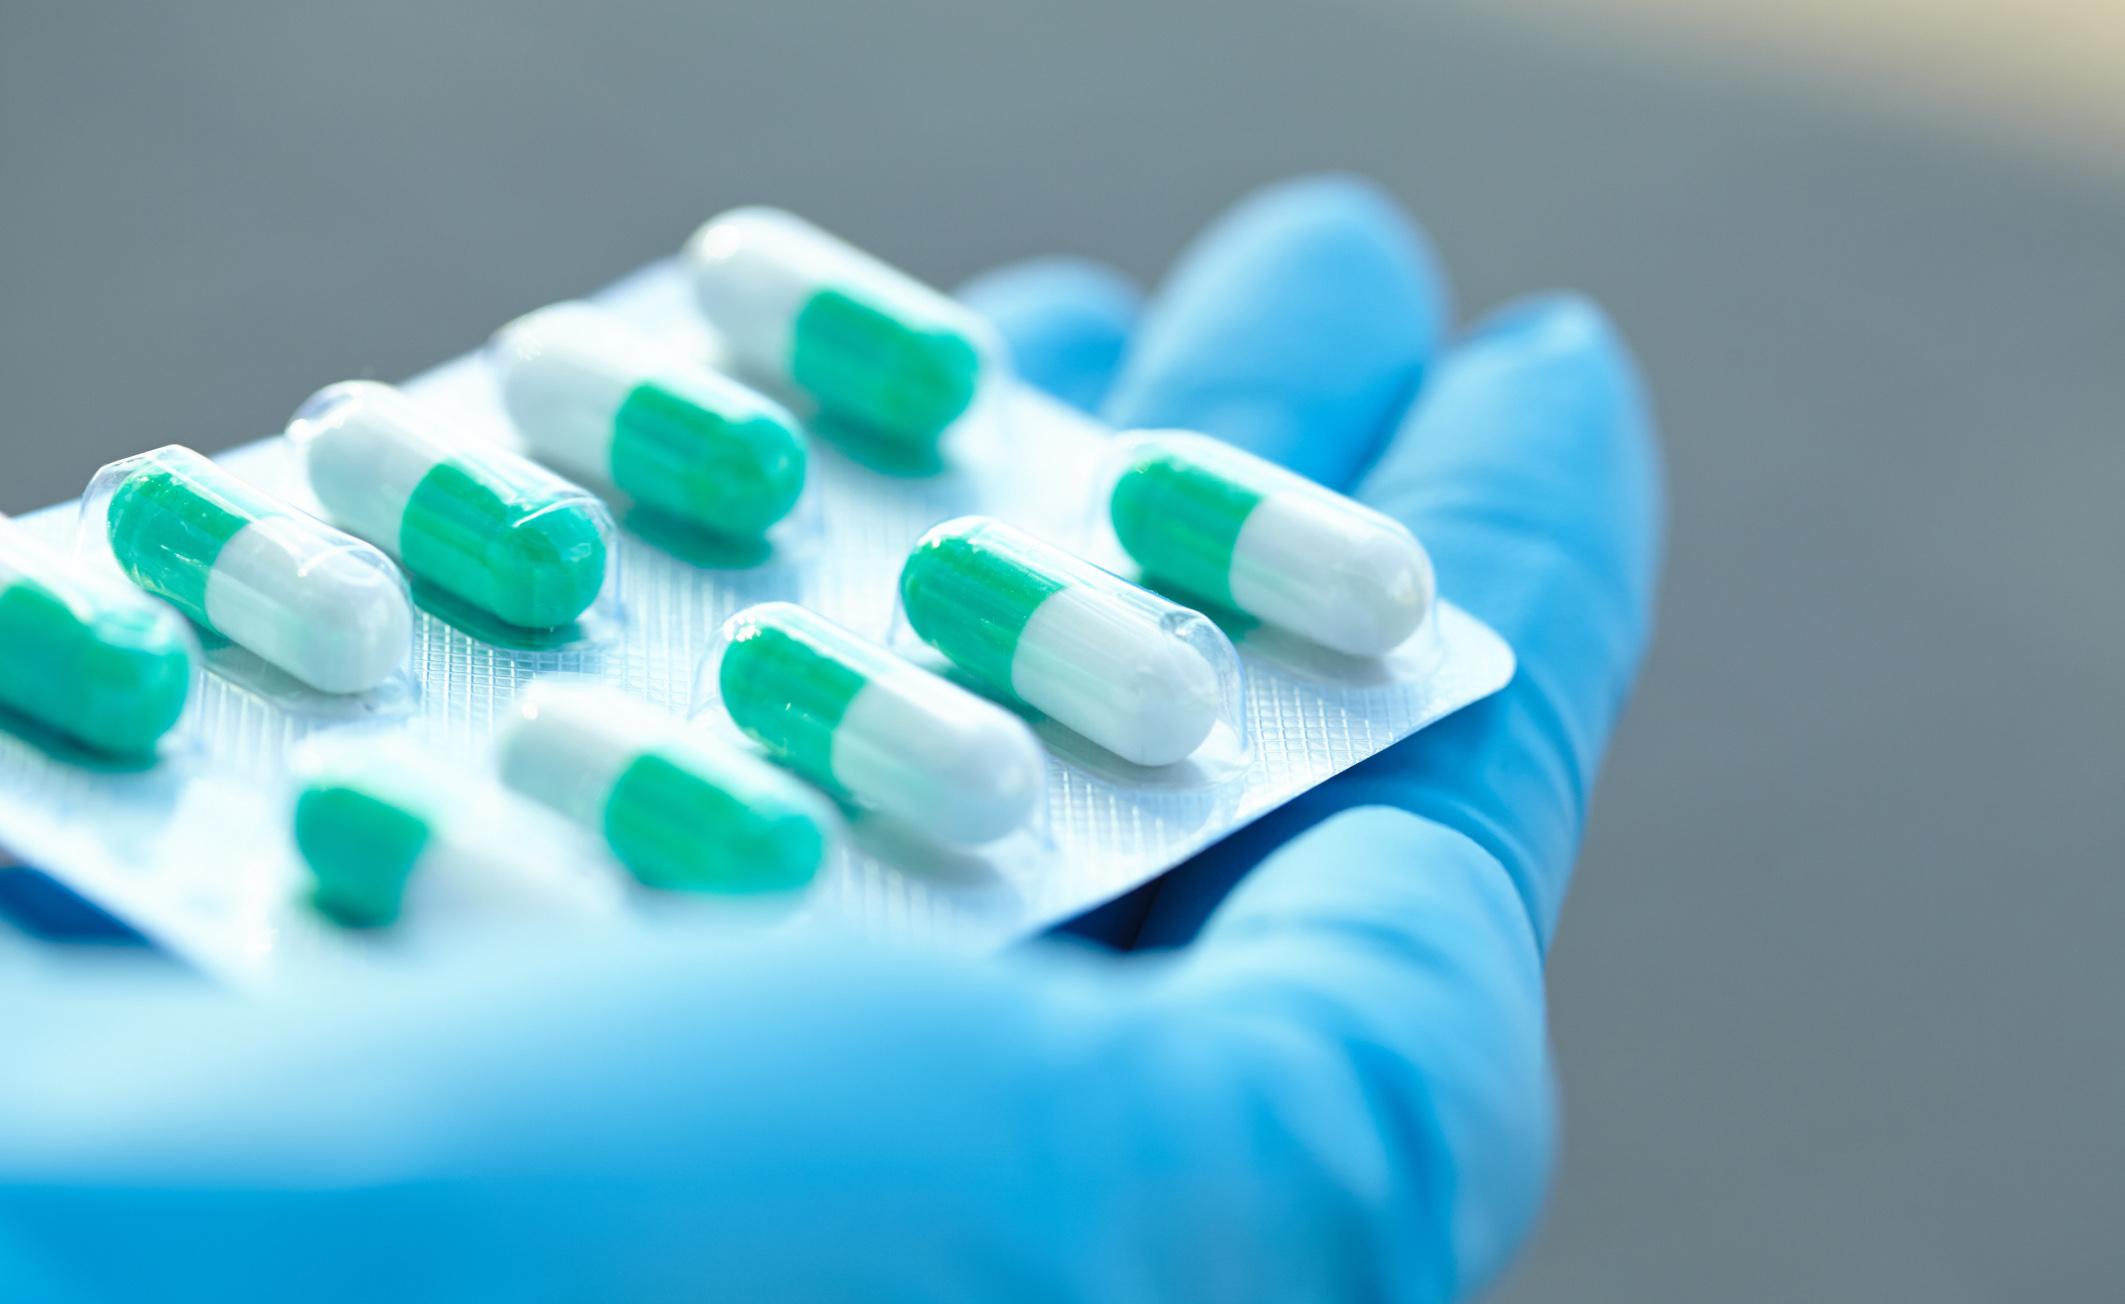 Fibrosi cistica: una nuova strada verso la terapia